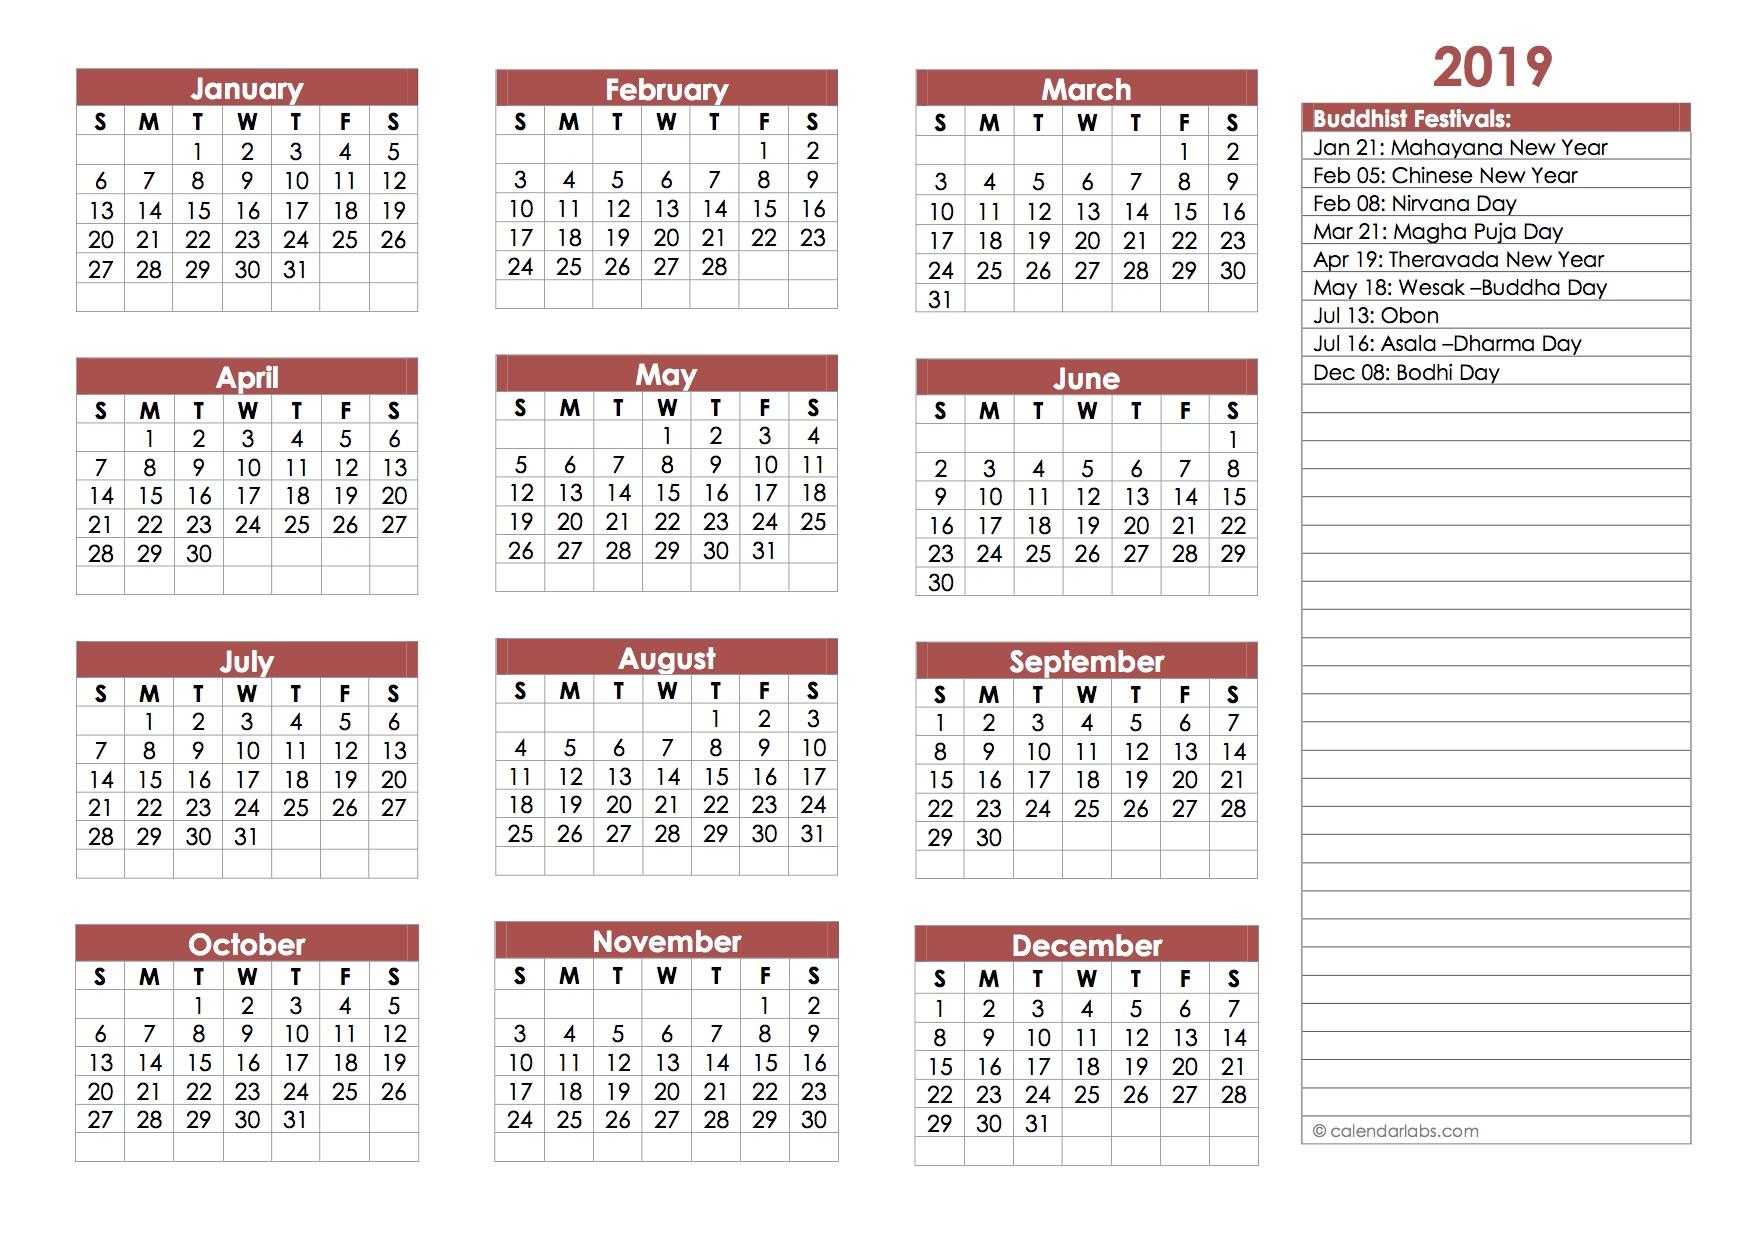 2019 buddhist festivals calendar template